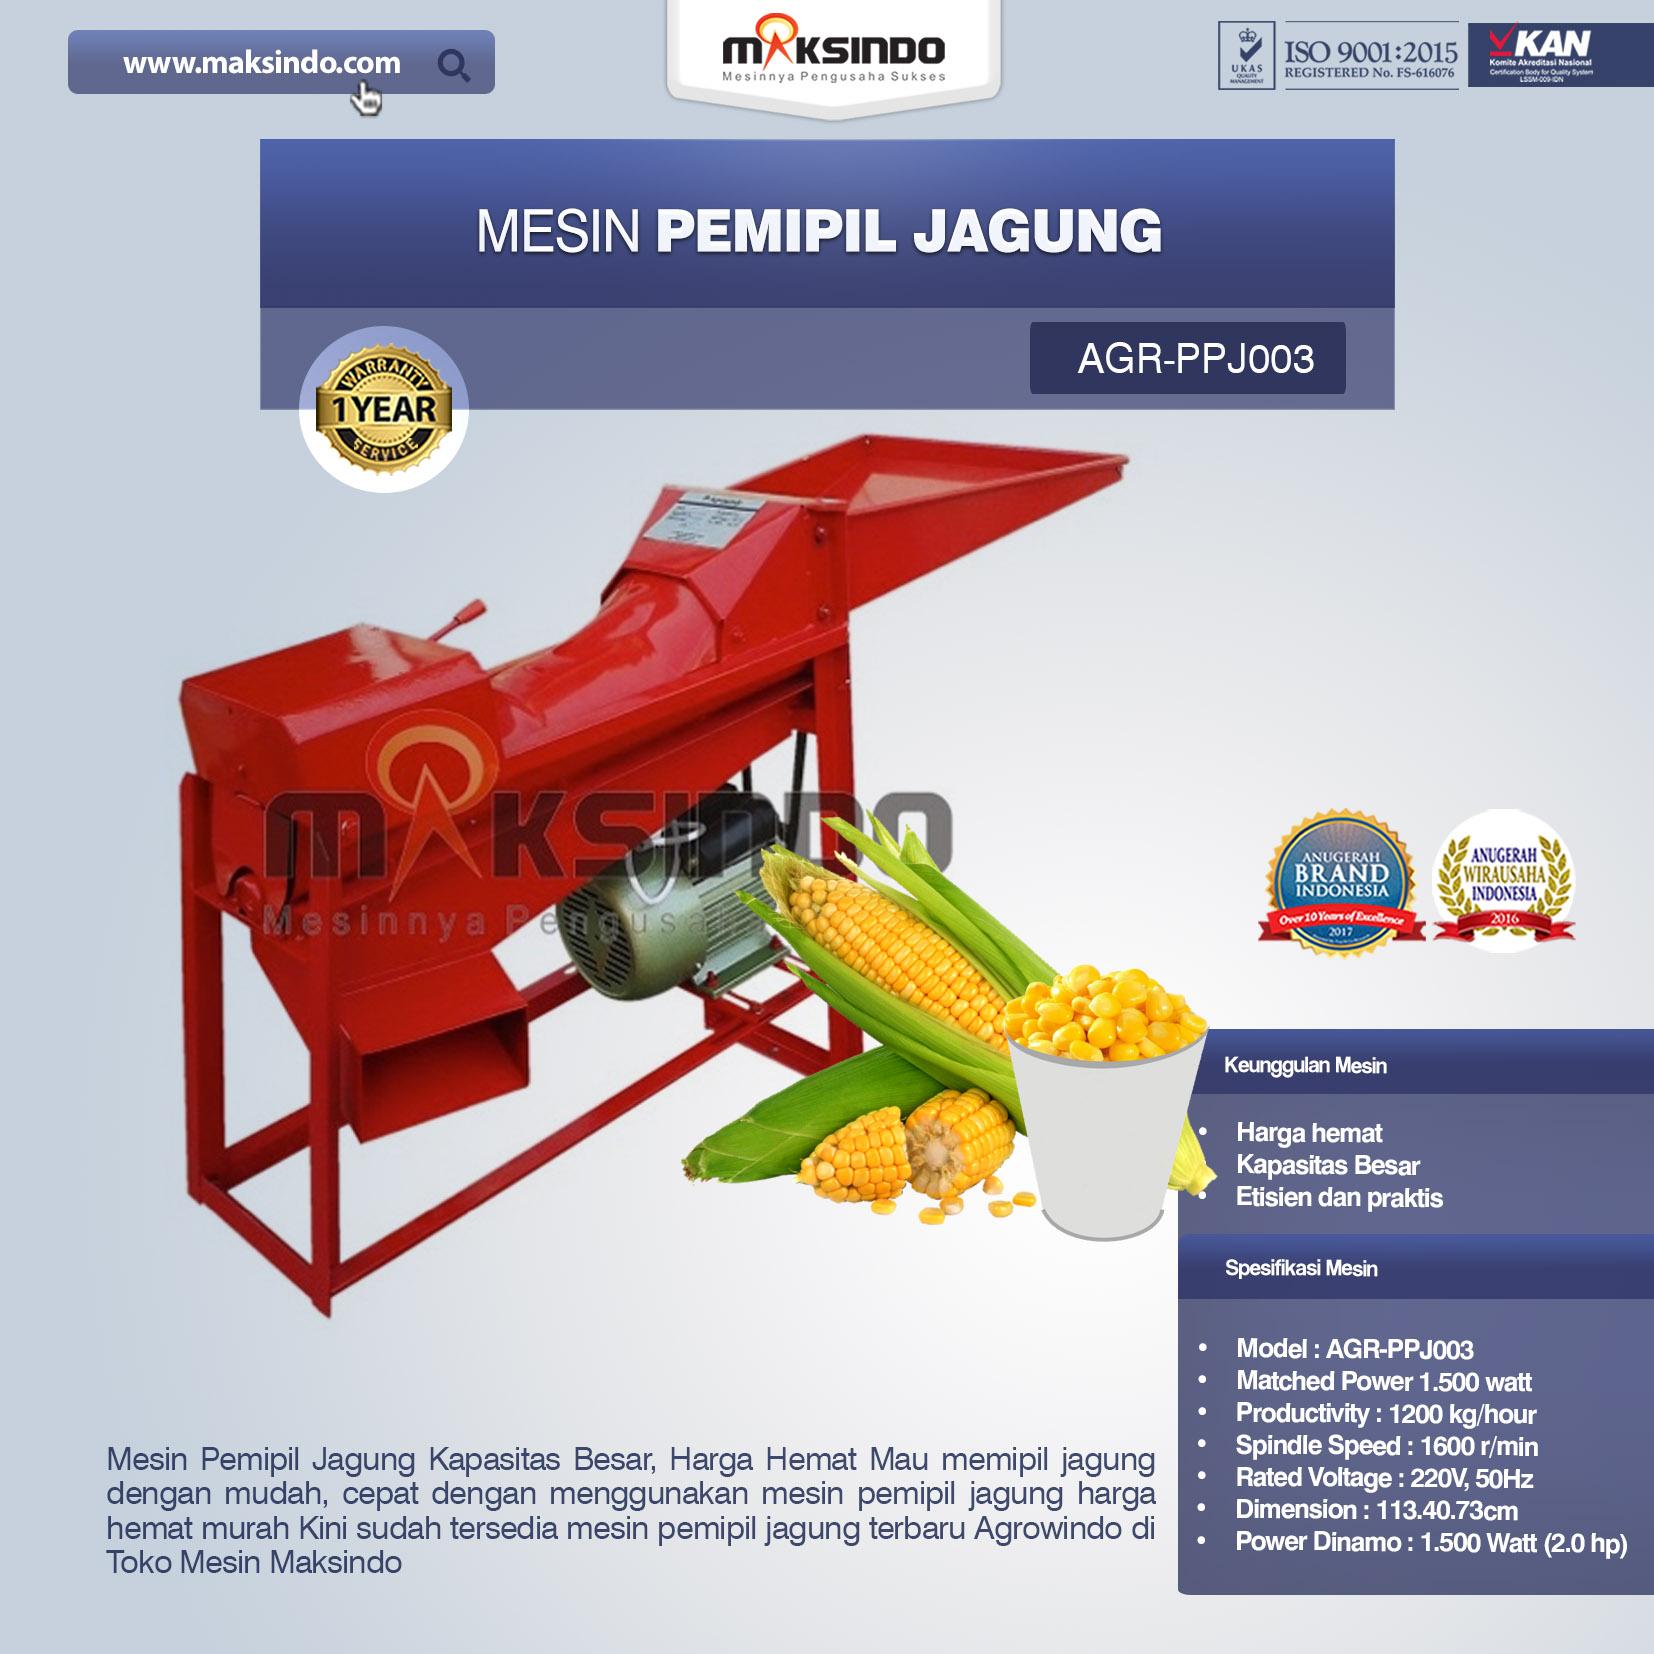 Mesin Pemipil Jagung PPJ003